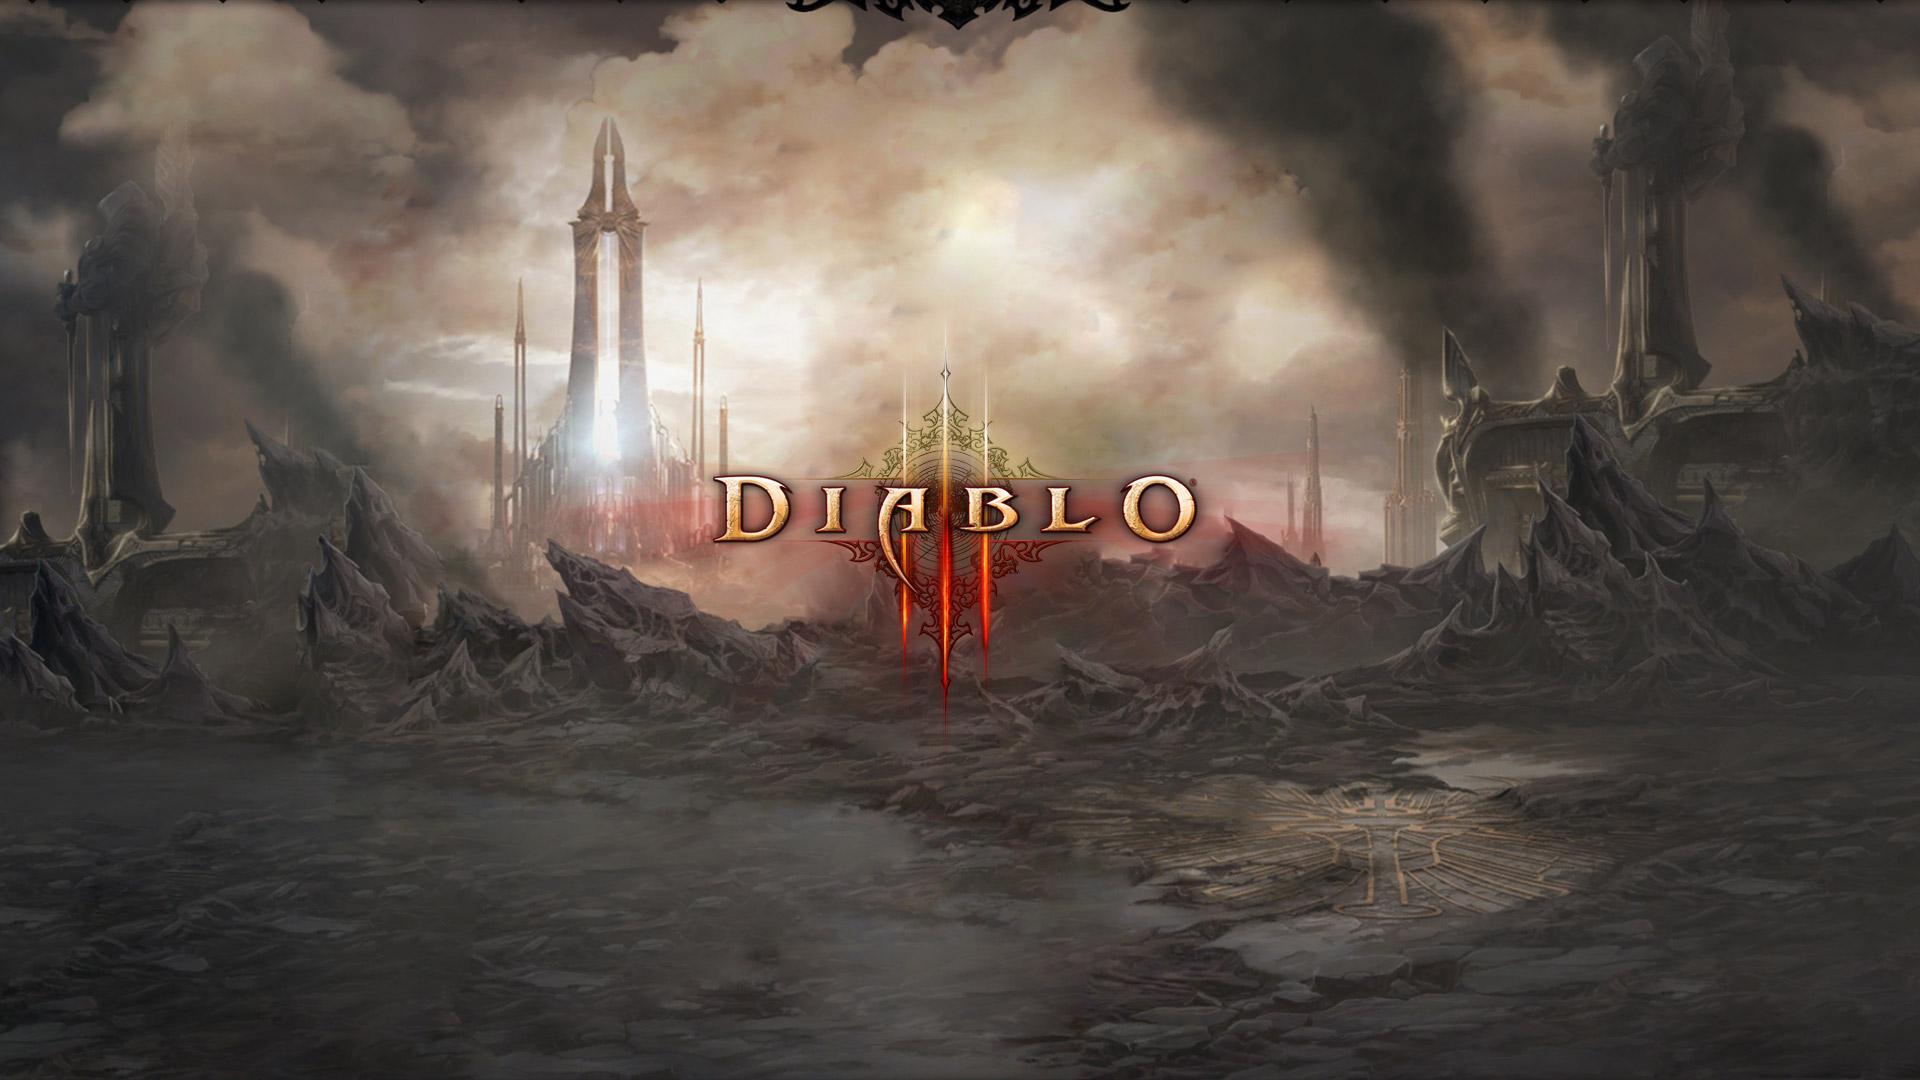 Diablo III Wallpaper in 1920x1080